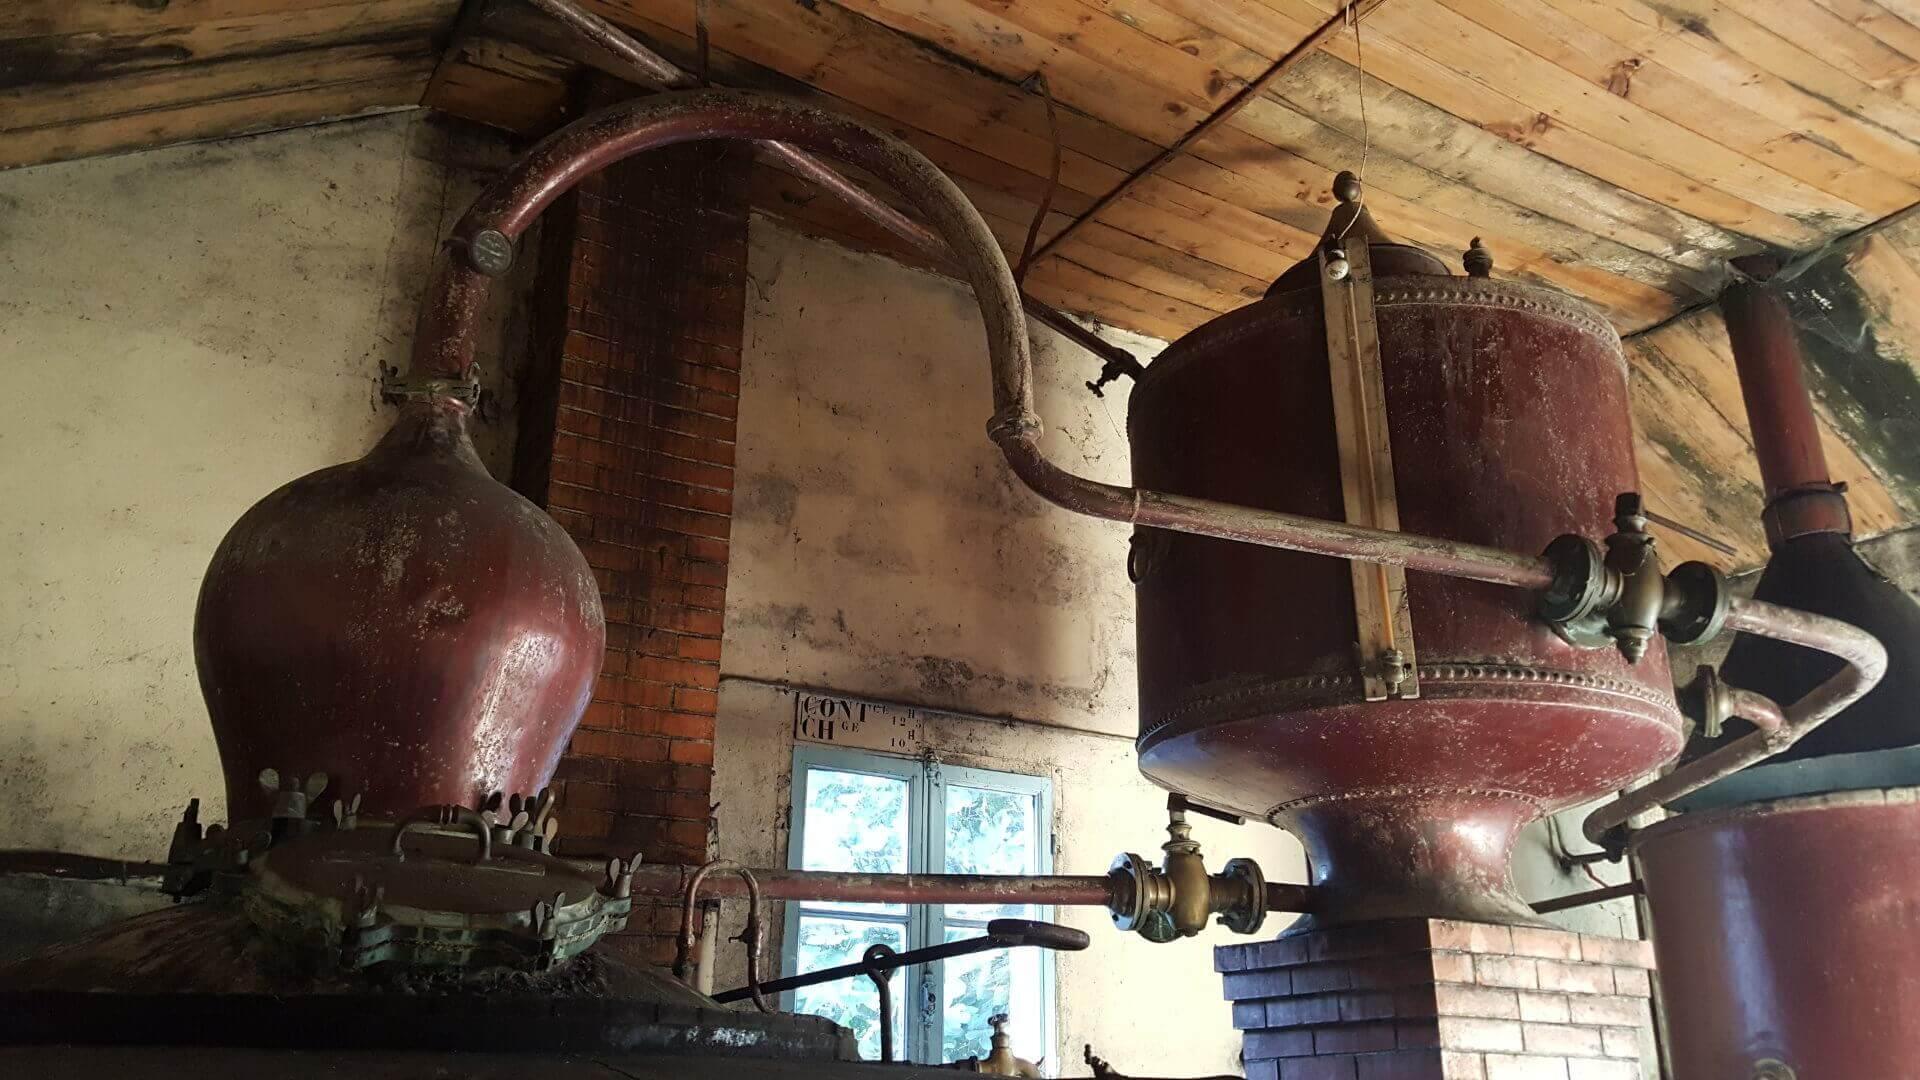 Une ancienne distillerie de cognac avec son alambic centenaire